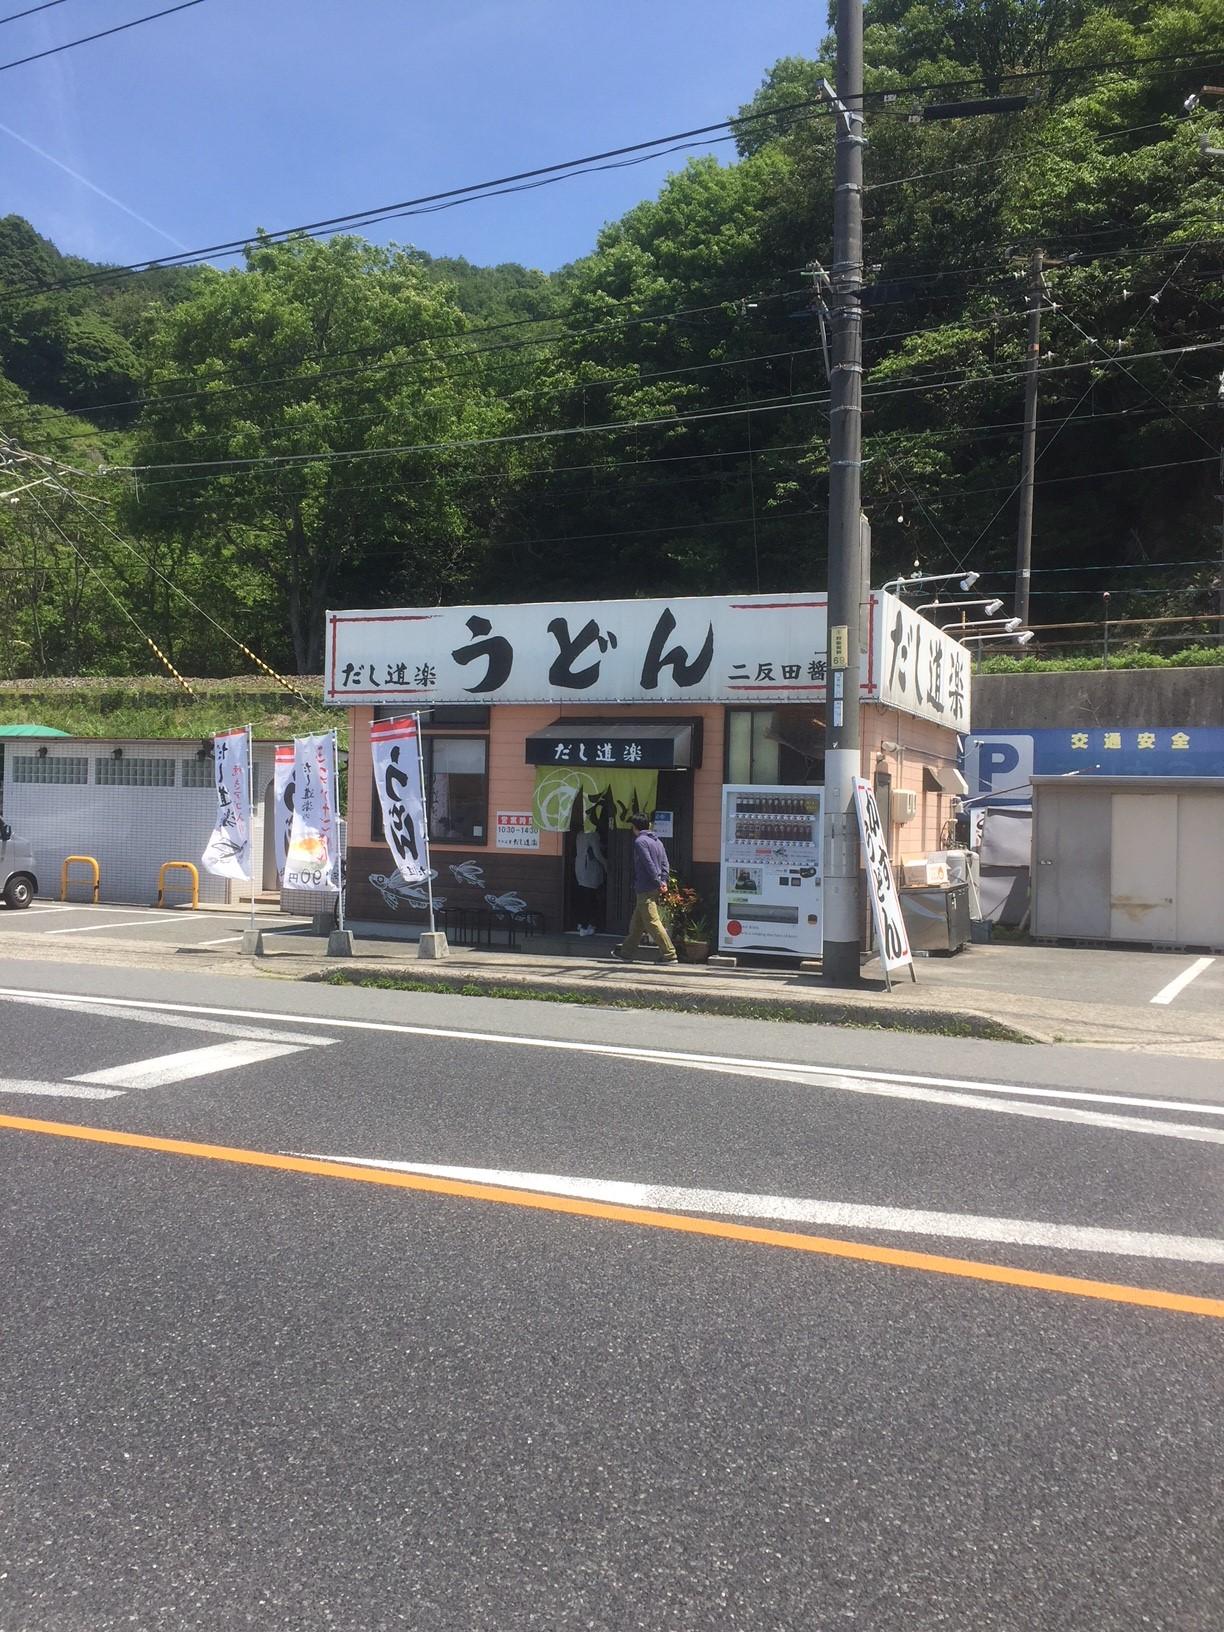 だし道楽(広島県呉市/うどん屋)